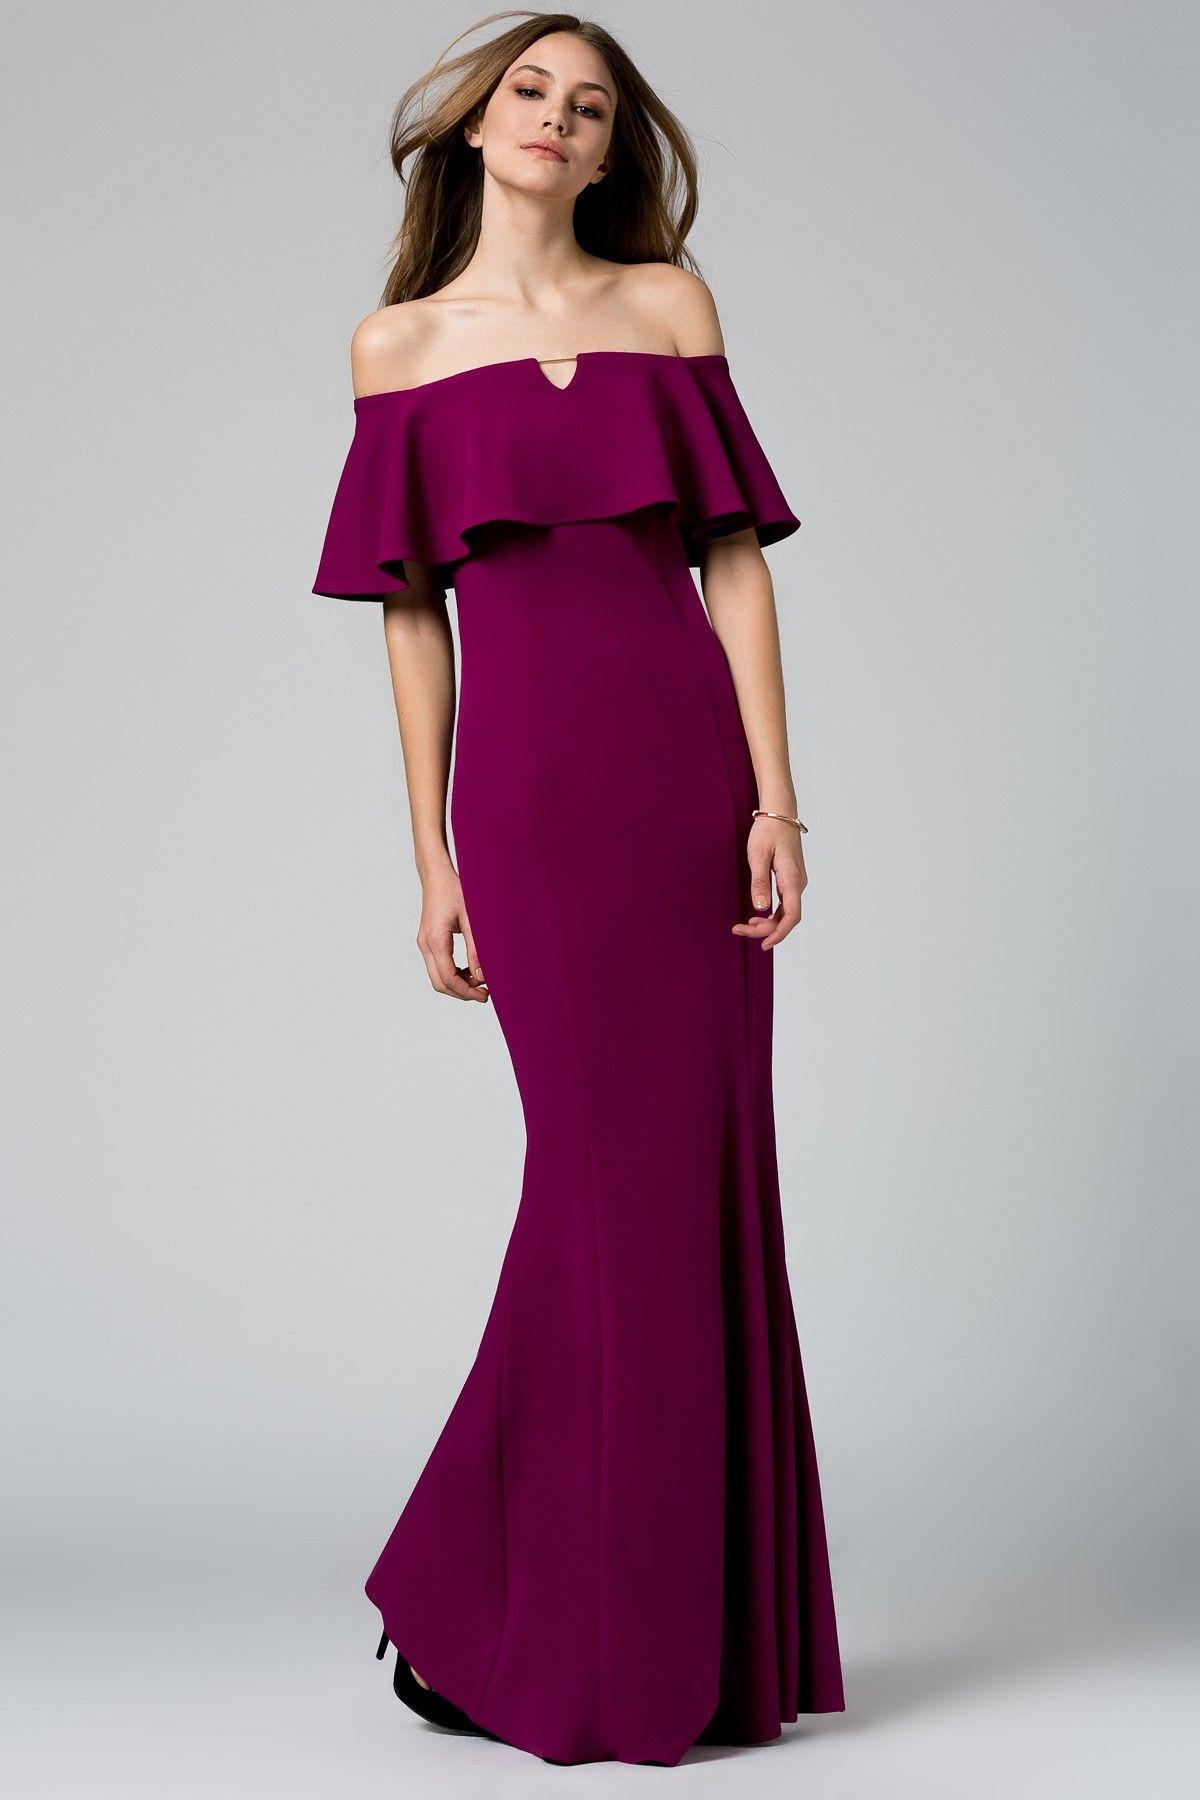 Fusya Volanli Elbise Mlwss16fz0491 Wedding Dresses Dresses Fashion